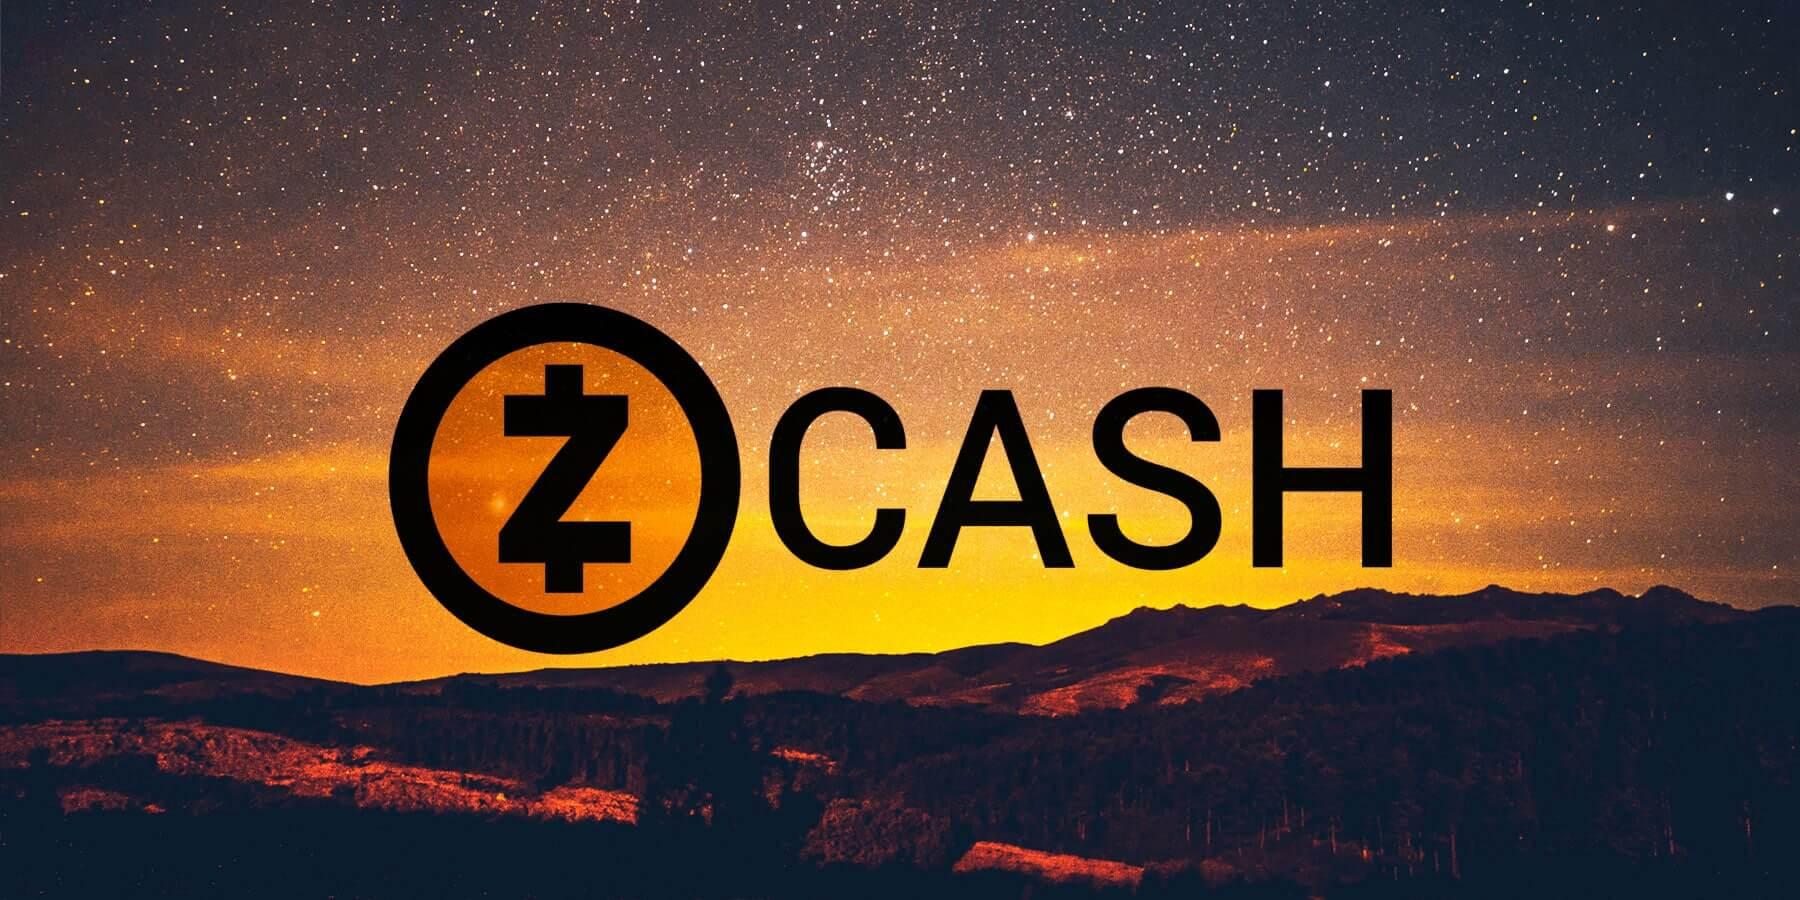 zcash криптовалюта разработка блокчейн